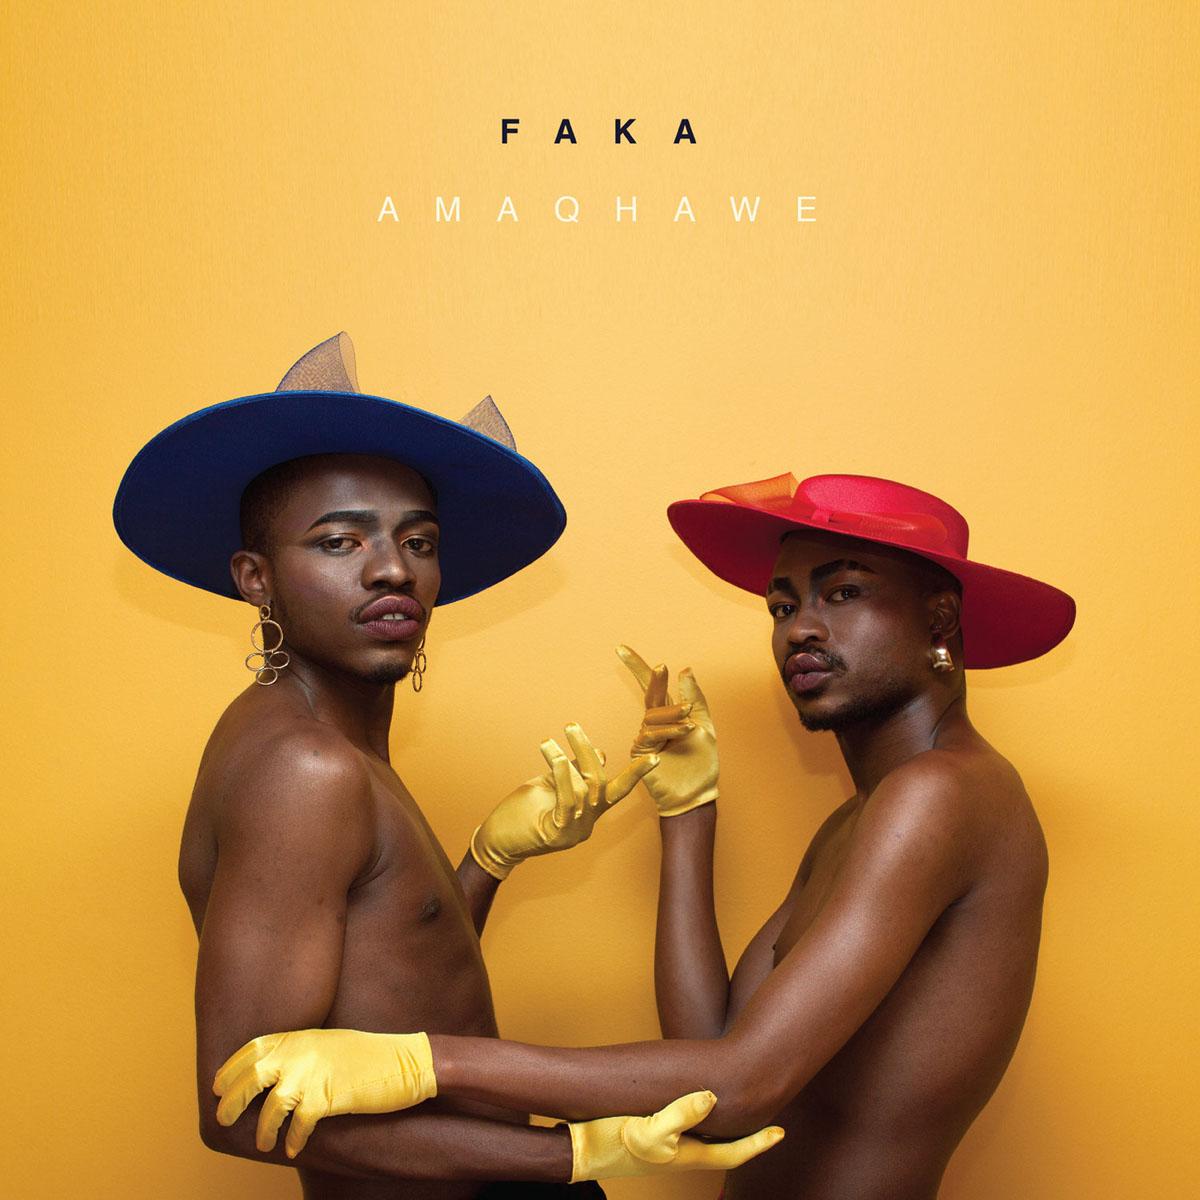 FAKA - Amaqhawe